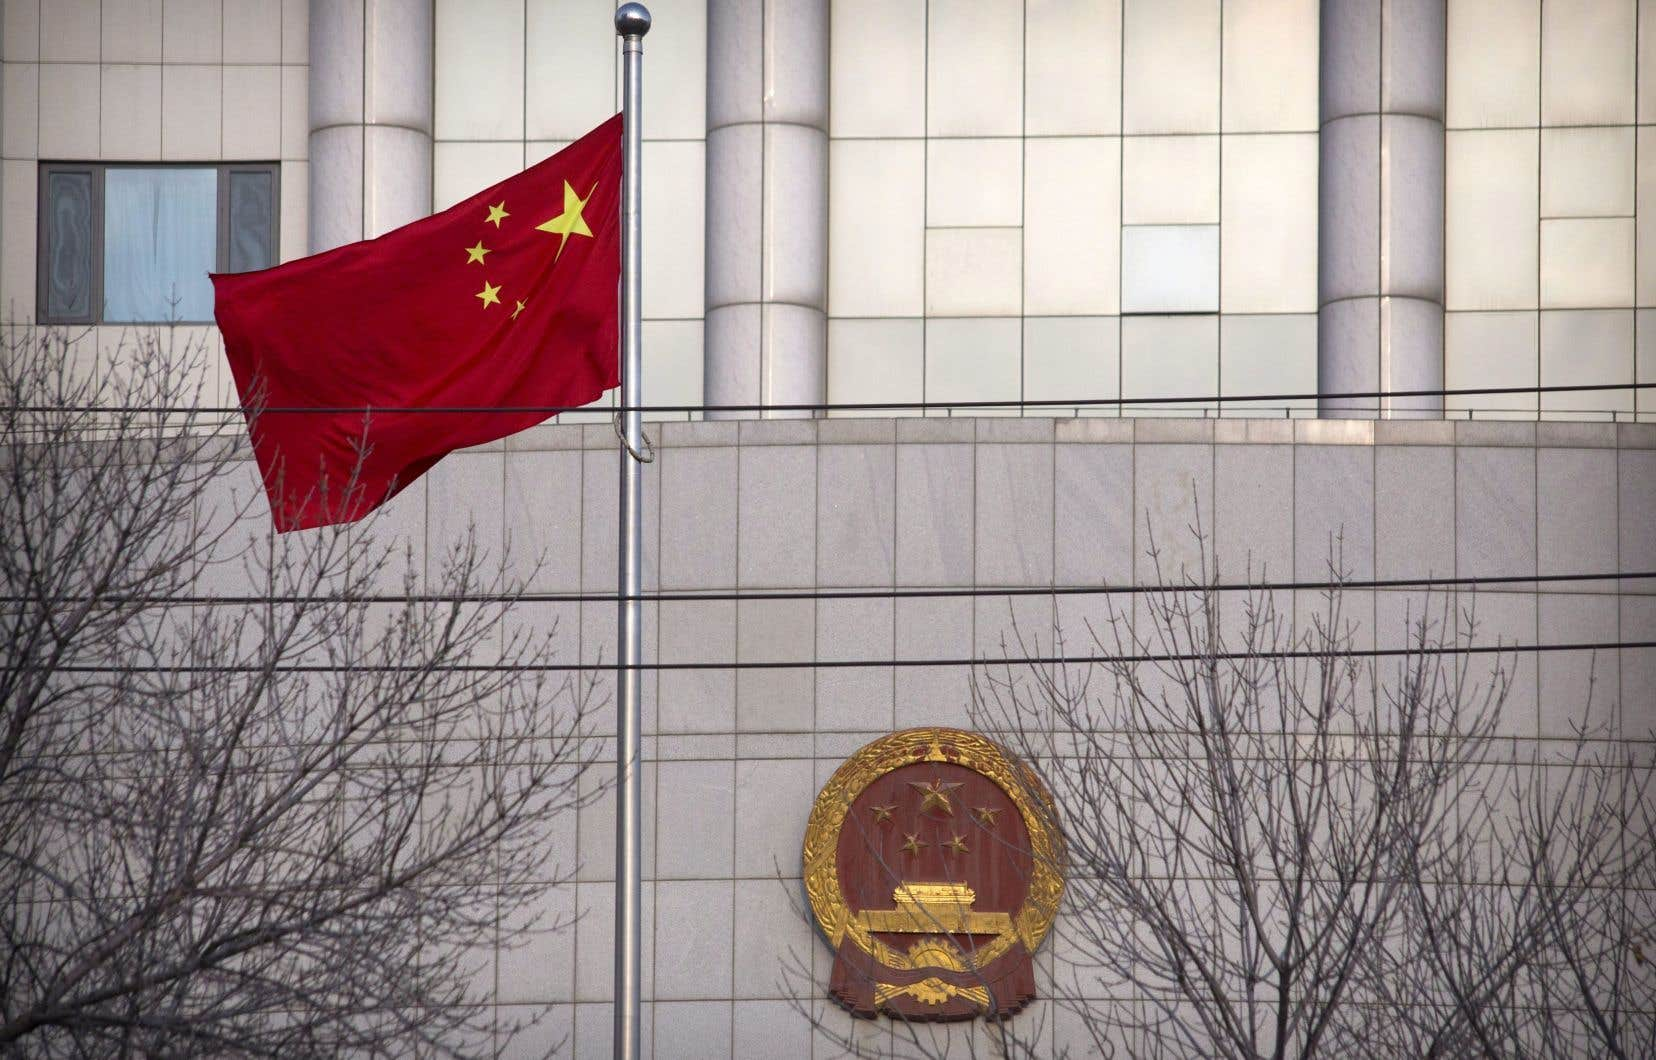 Deux Canadiens, Michael Kovrig et Michael Spavor, sont déjà détenus en Chine depuis le mois de décembre, car les autorités chinoises les accusent d'avoir mis en danger la sécurité nationale.